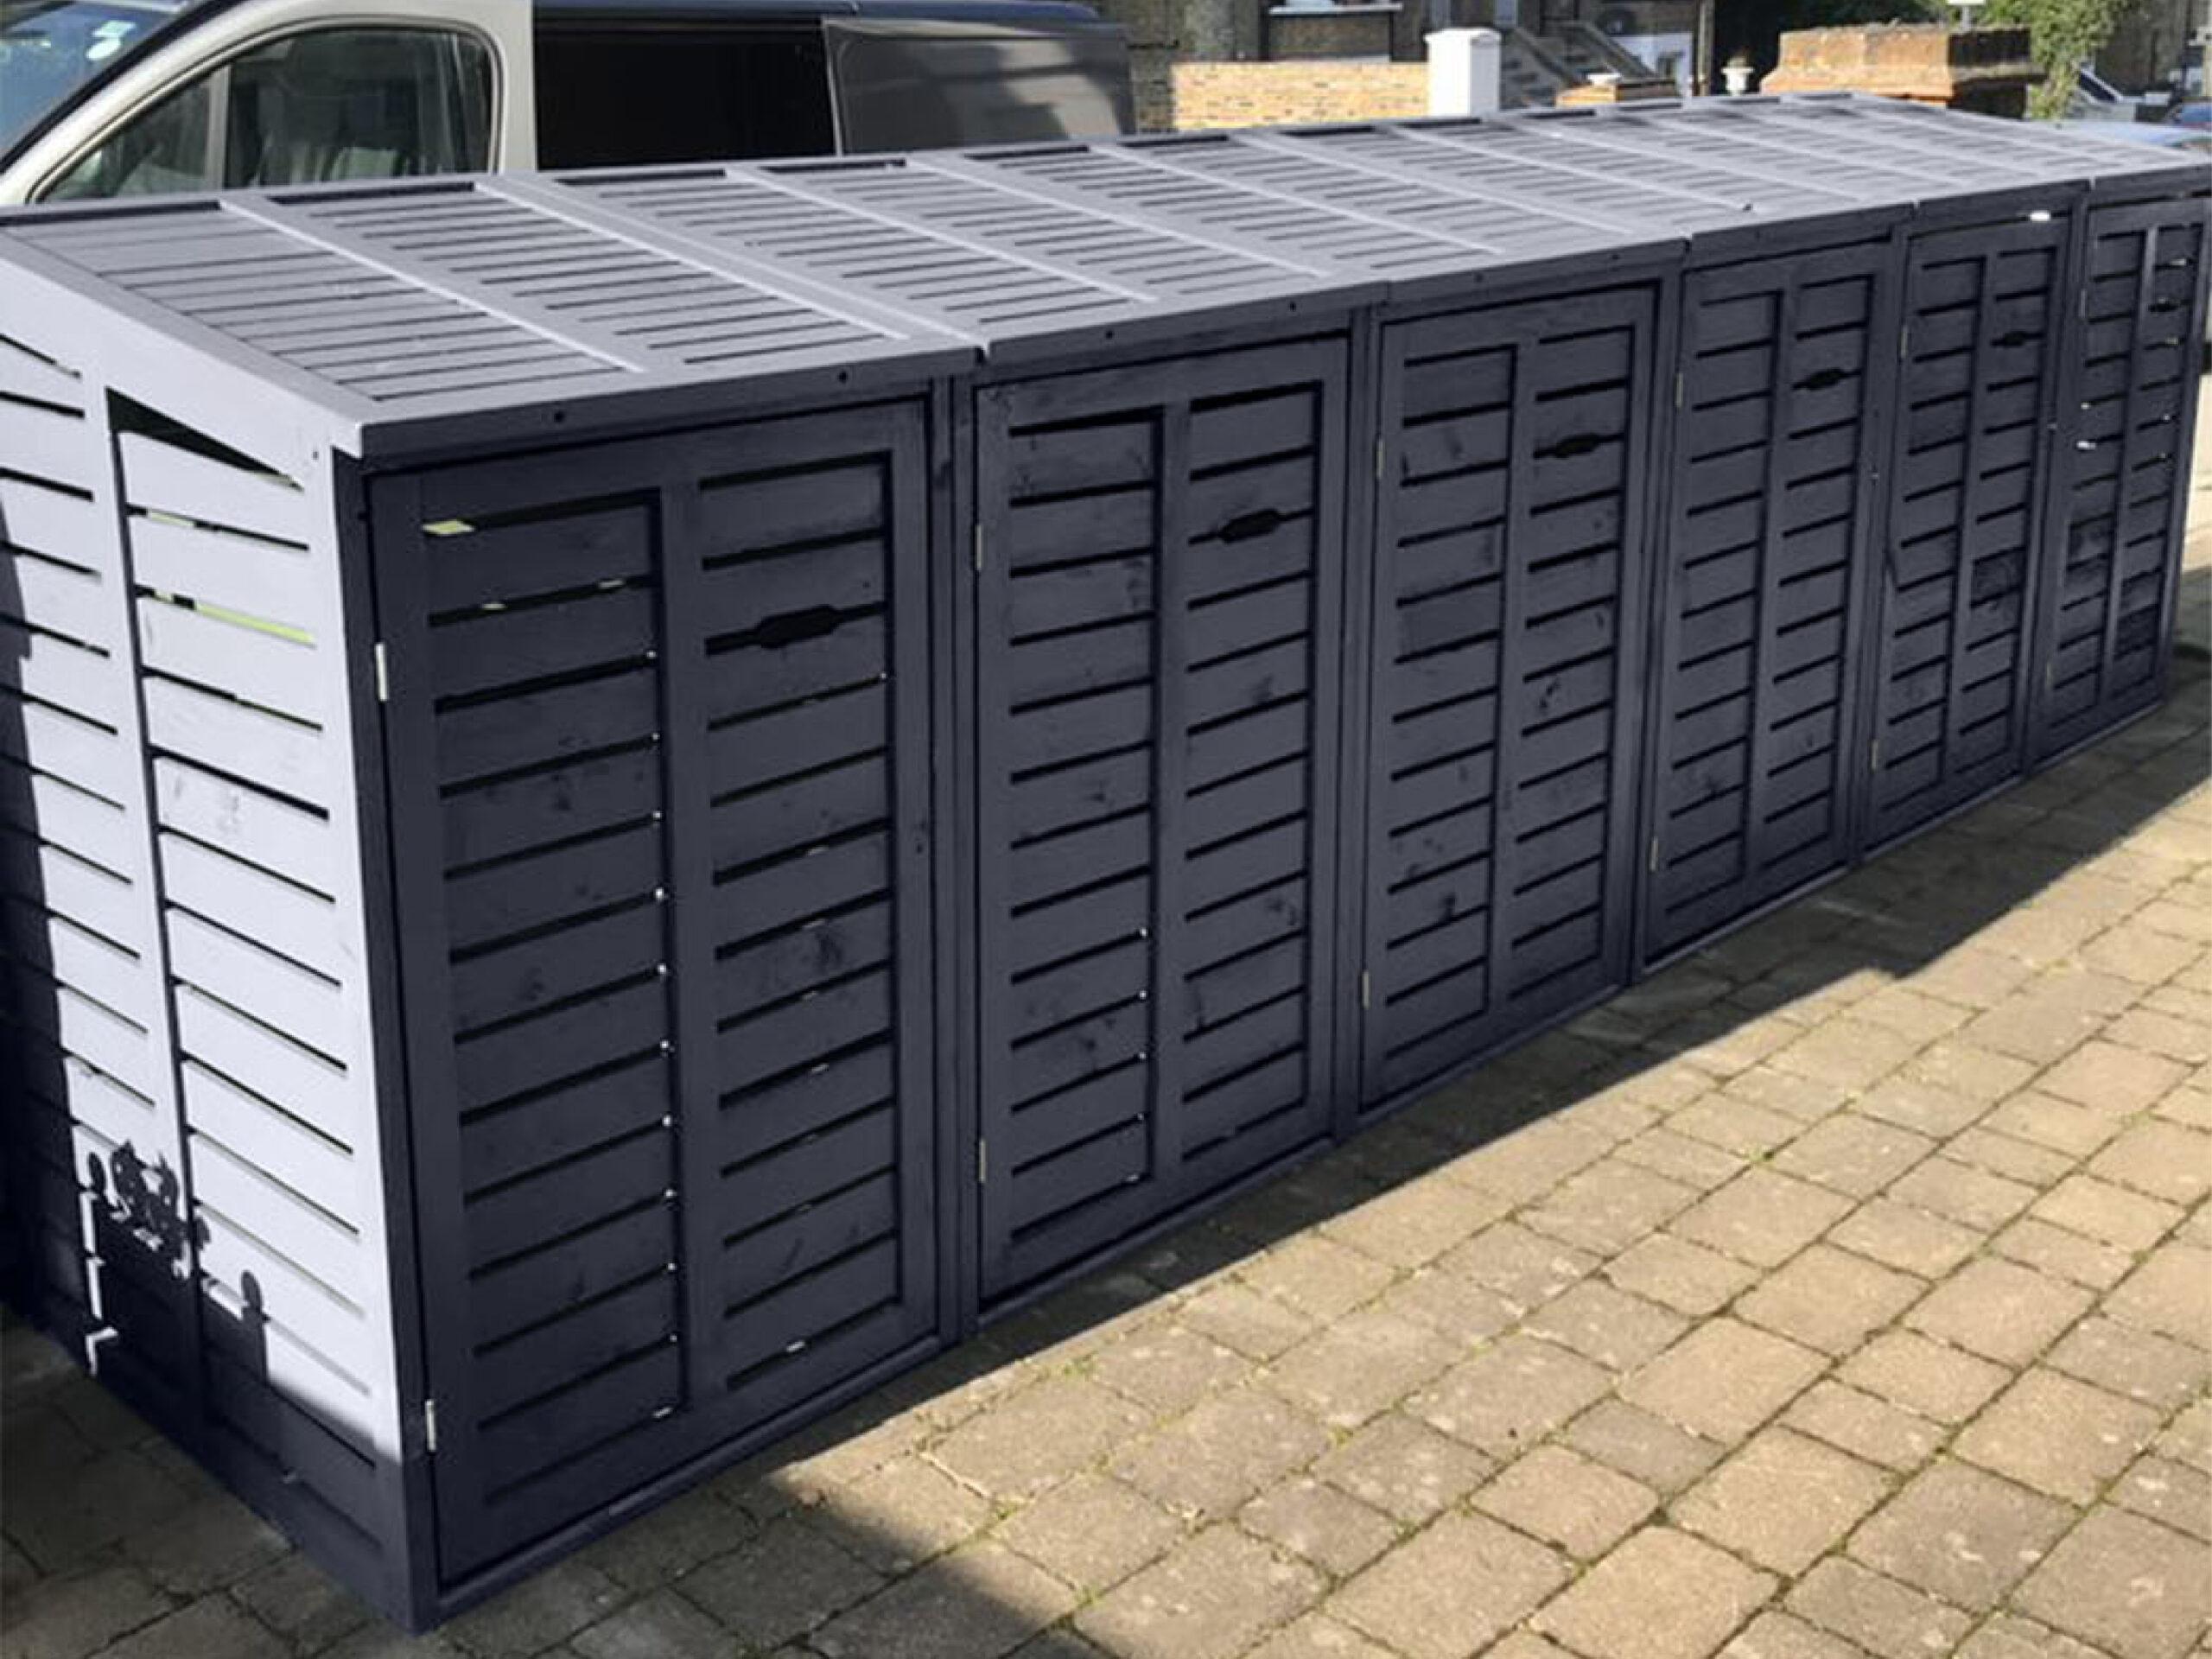 Sextet 6 classic wheelie bin store - slate grey